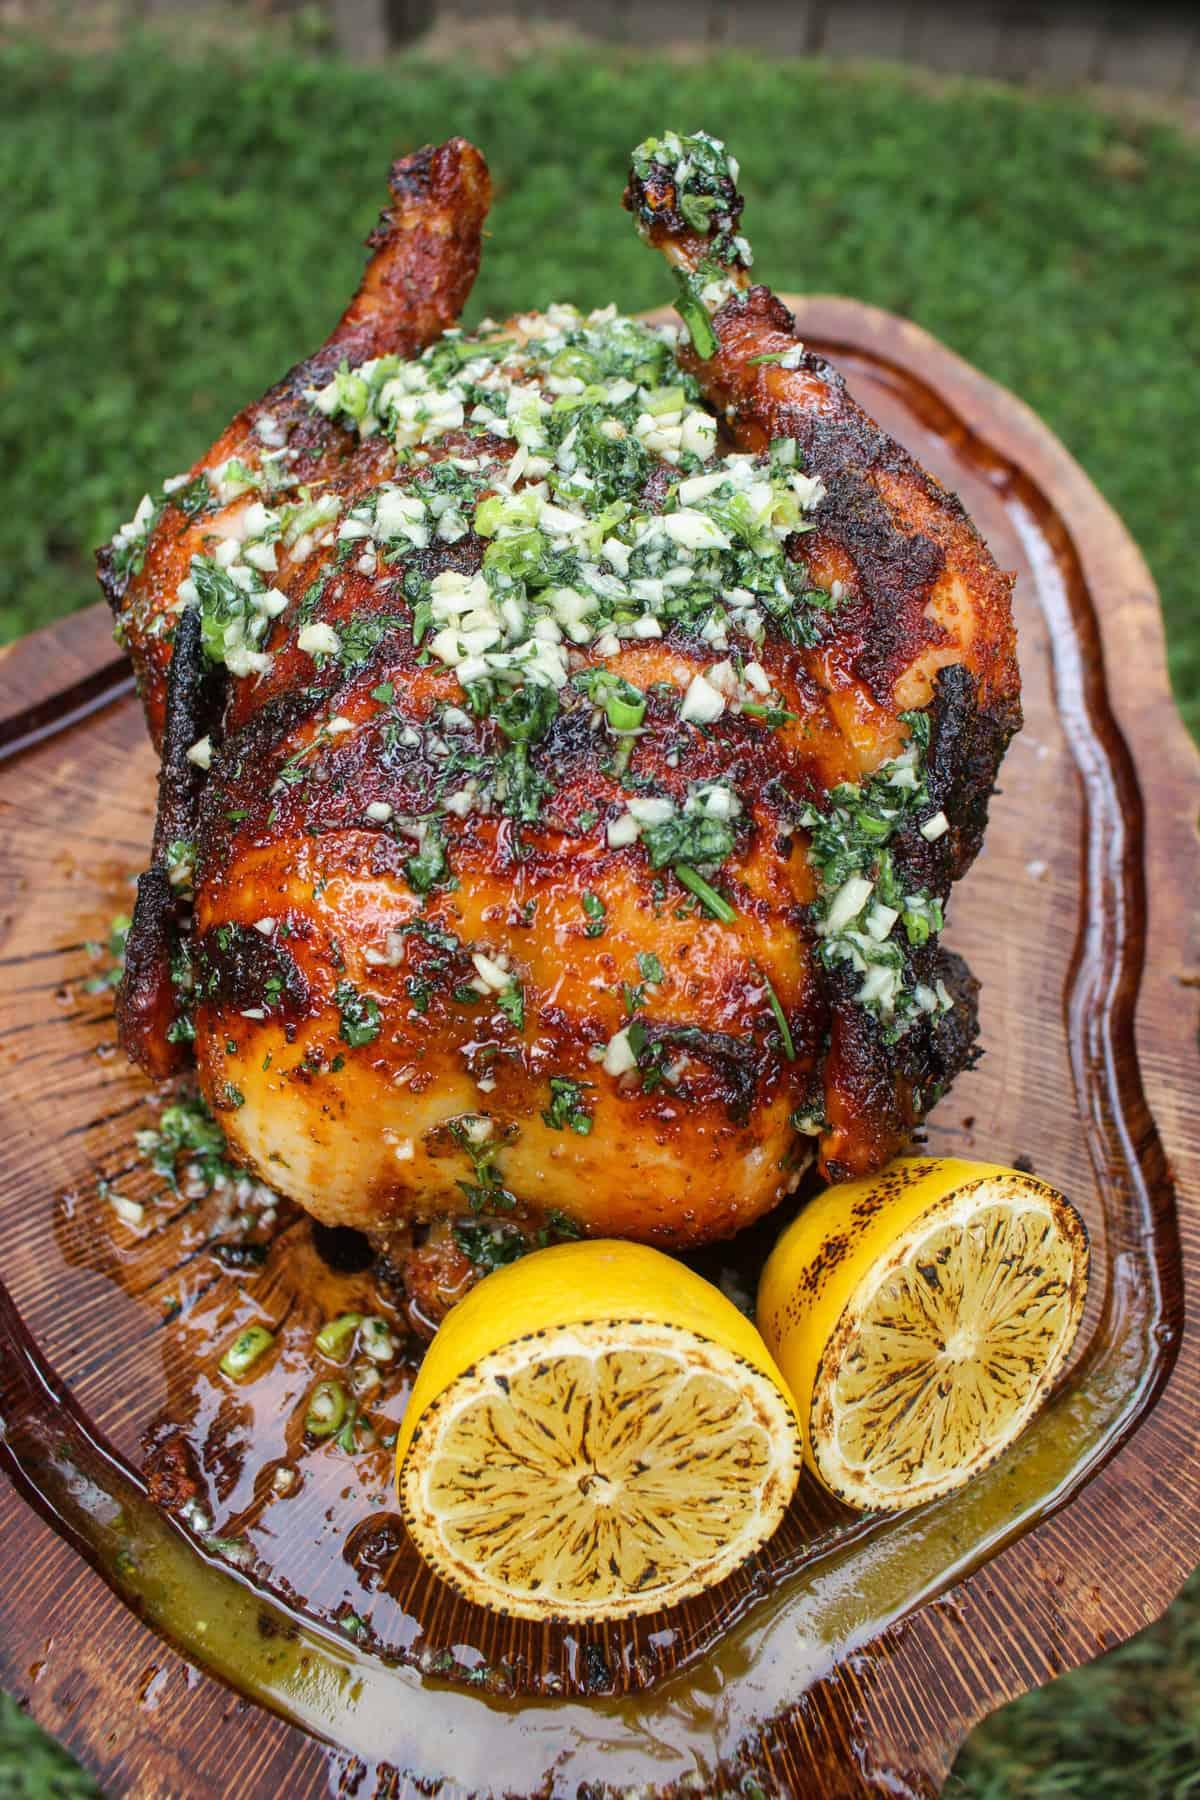 Lemon Chili Rye Rotisserie Chicken